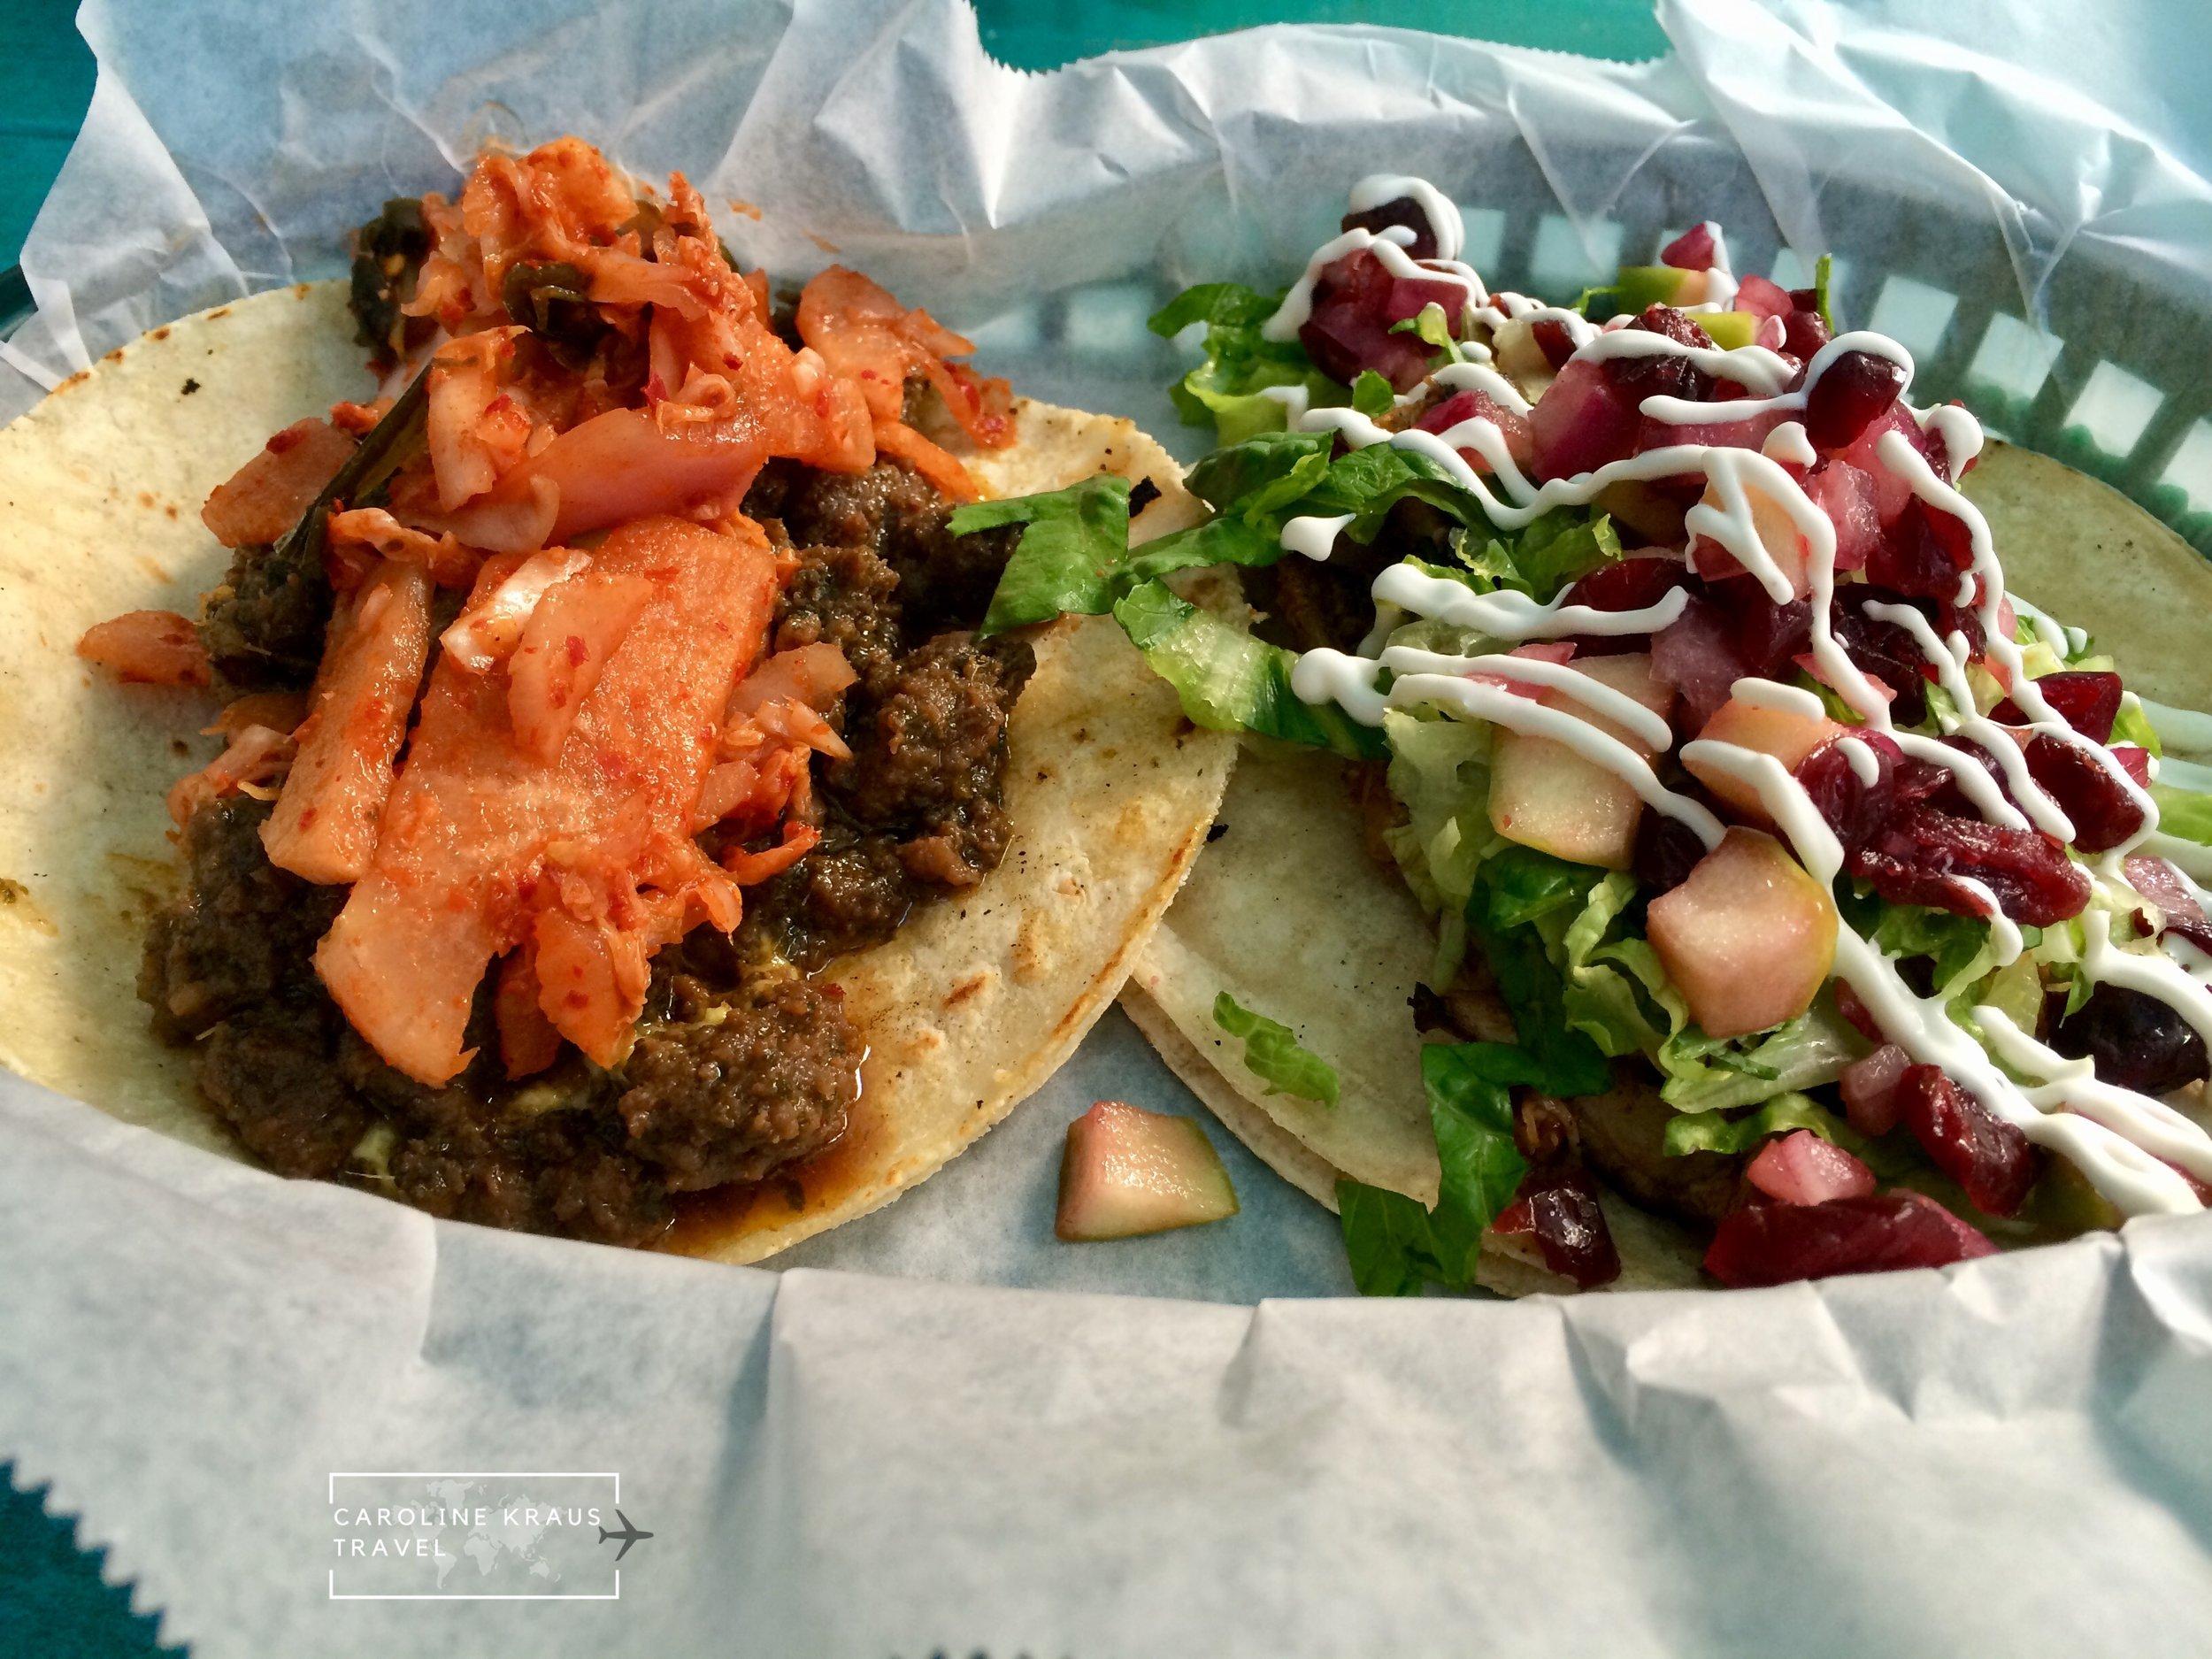 Tacos at Taco Billy